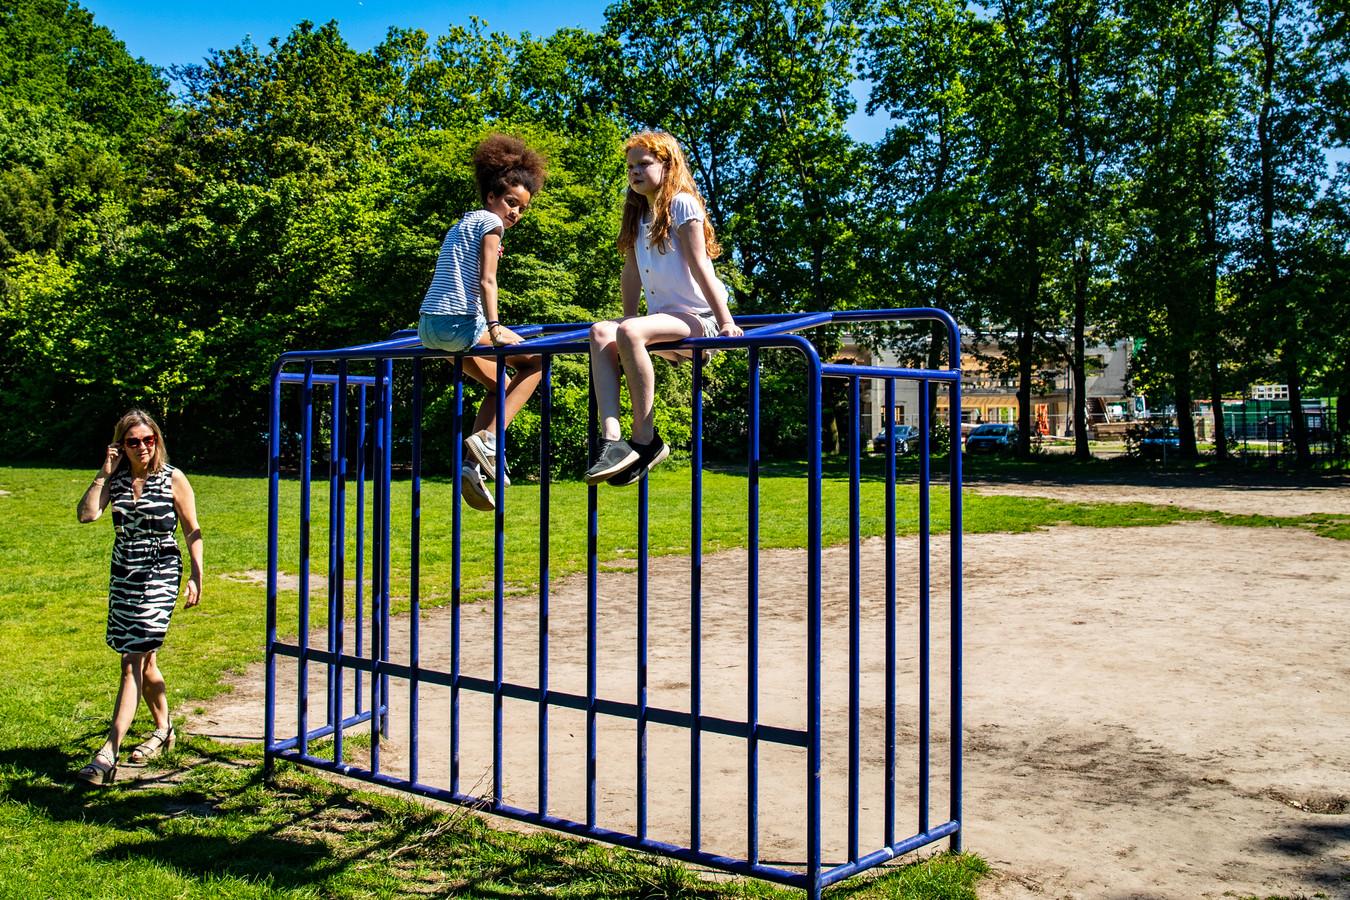 Cecile Wellen bekijkt hoe dochter Aimée Ahadji en haar vriendin Iris Hoogeslag op het voetbaldoeltje op het speelveld bij De Wingerd zijn geklommen